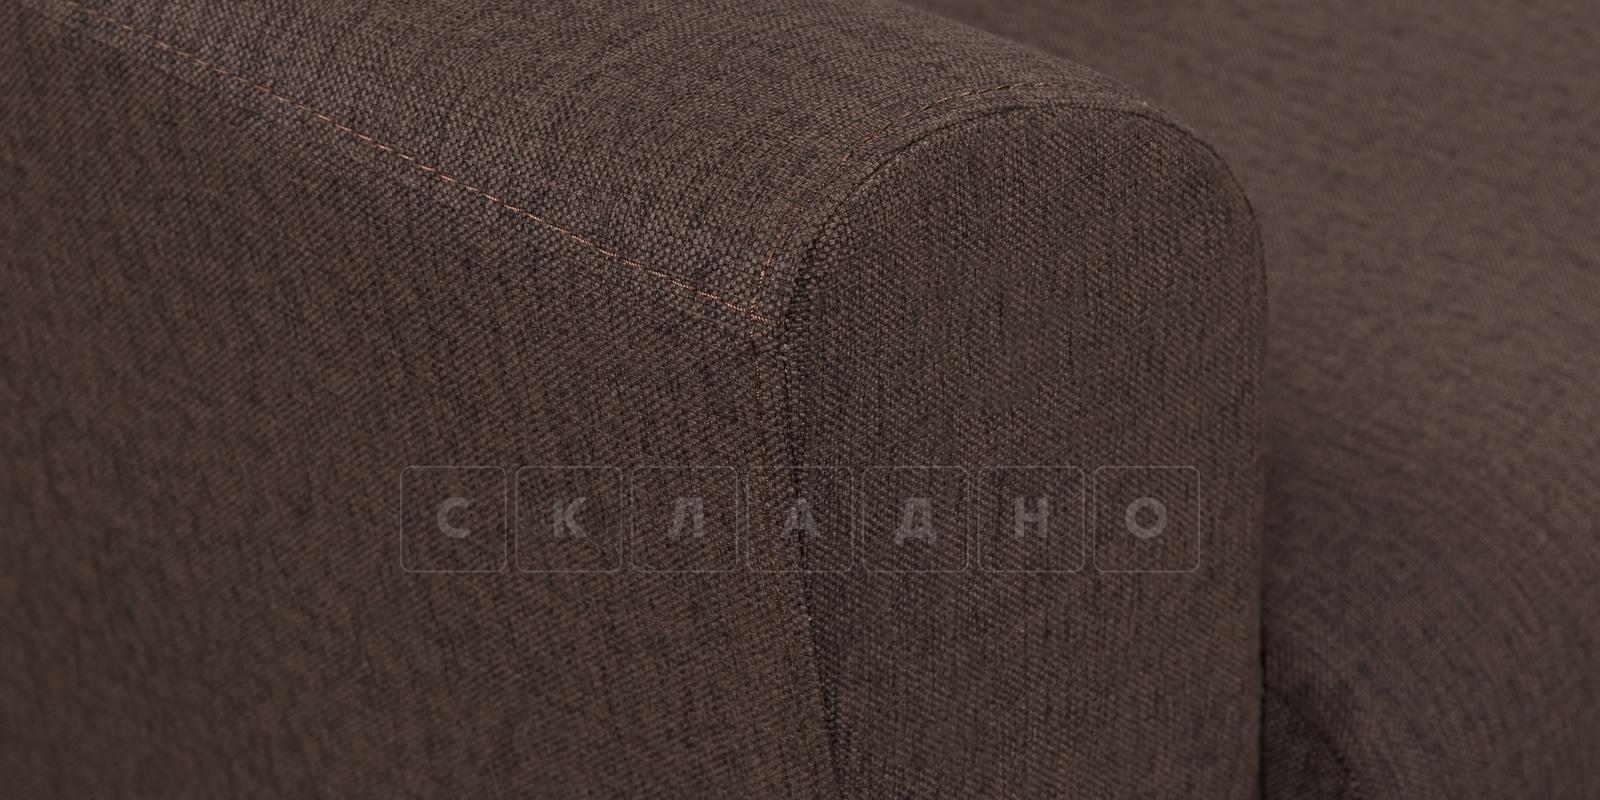 Кресло Амстердам коричневого цвета фото 6 | интернет-магазин Складно